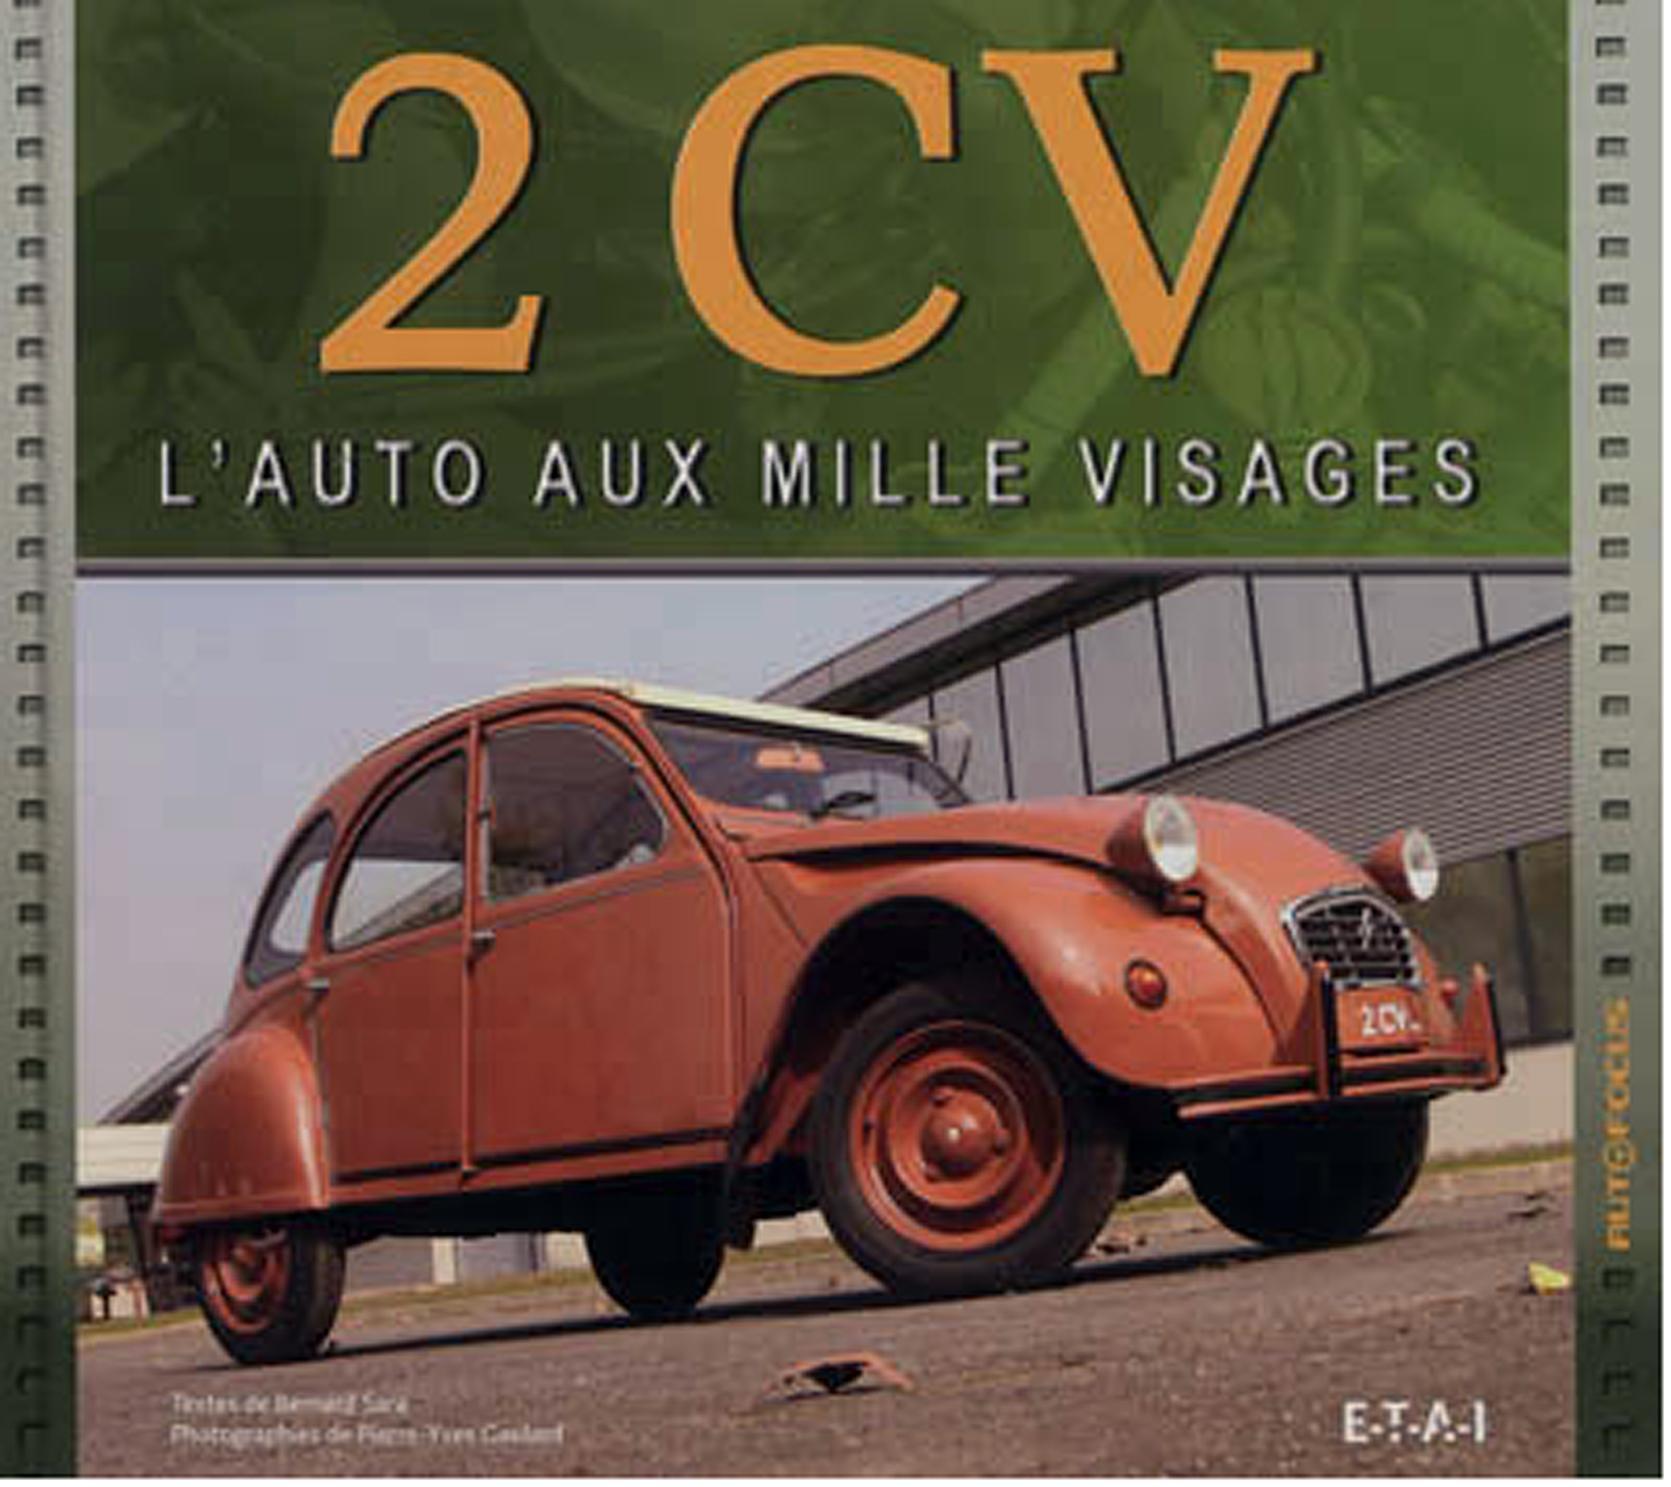 2012 2CV Aux mille visages